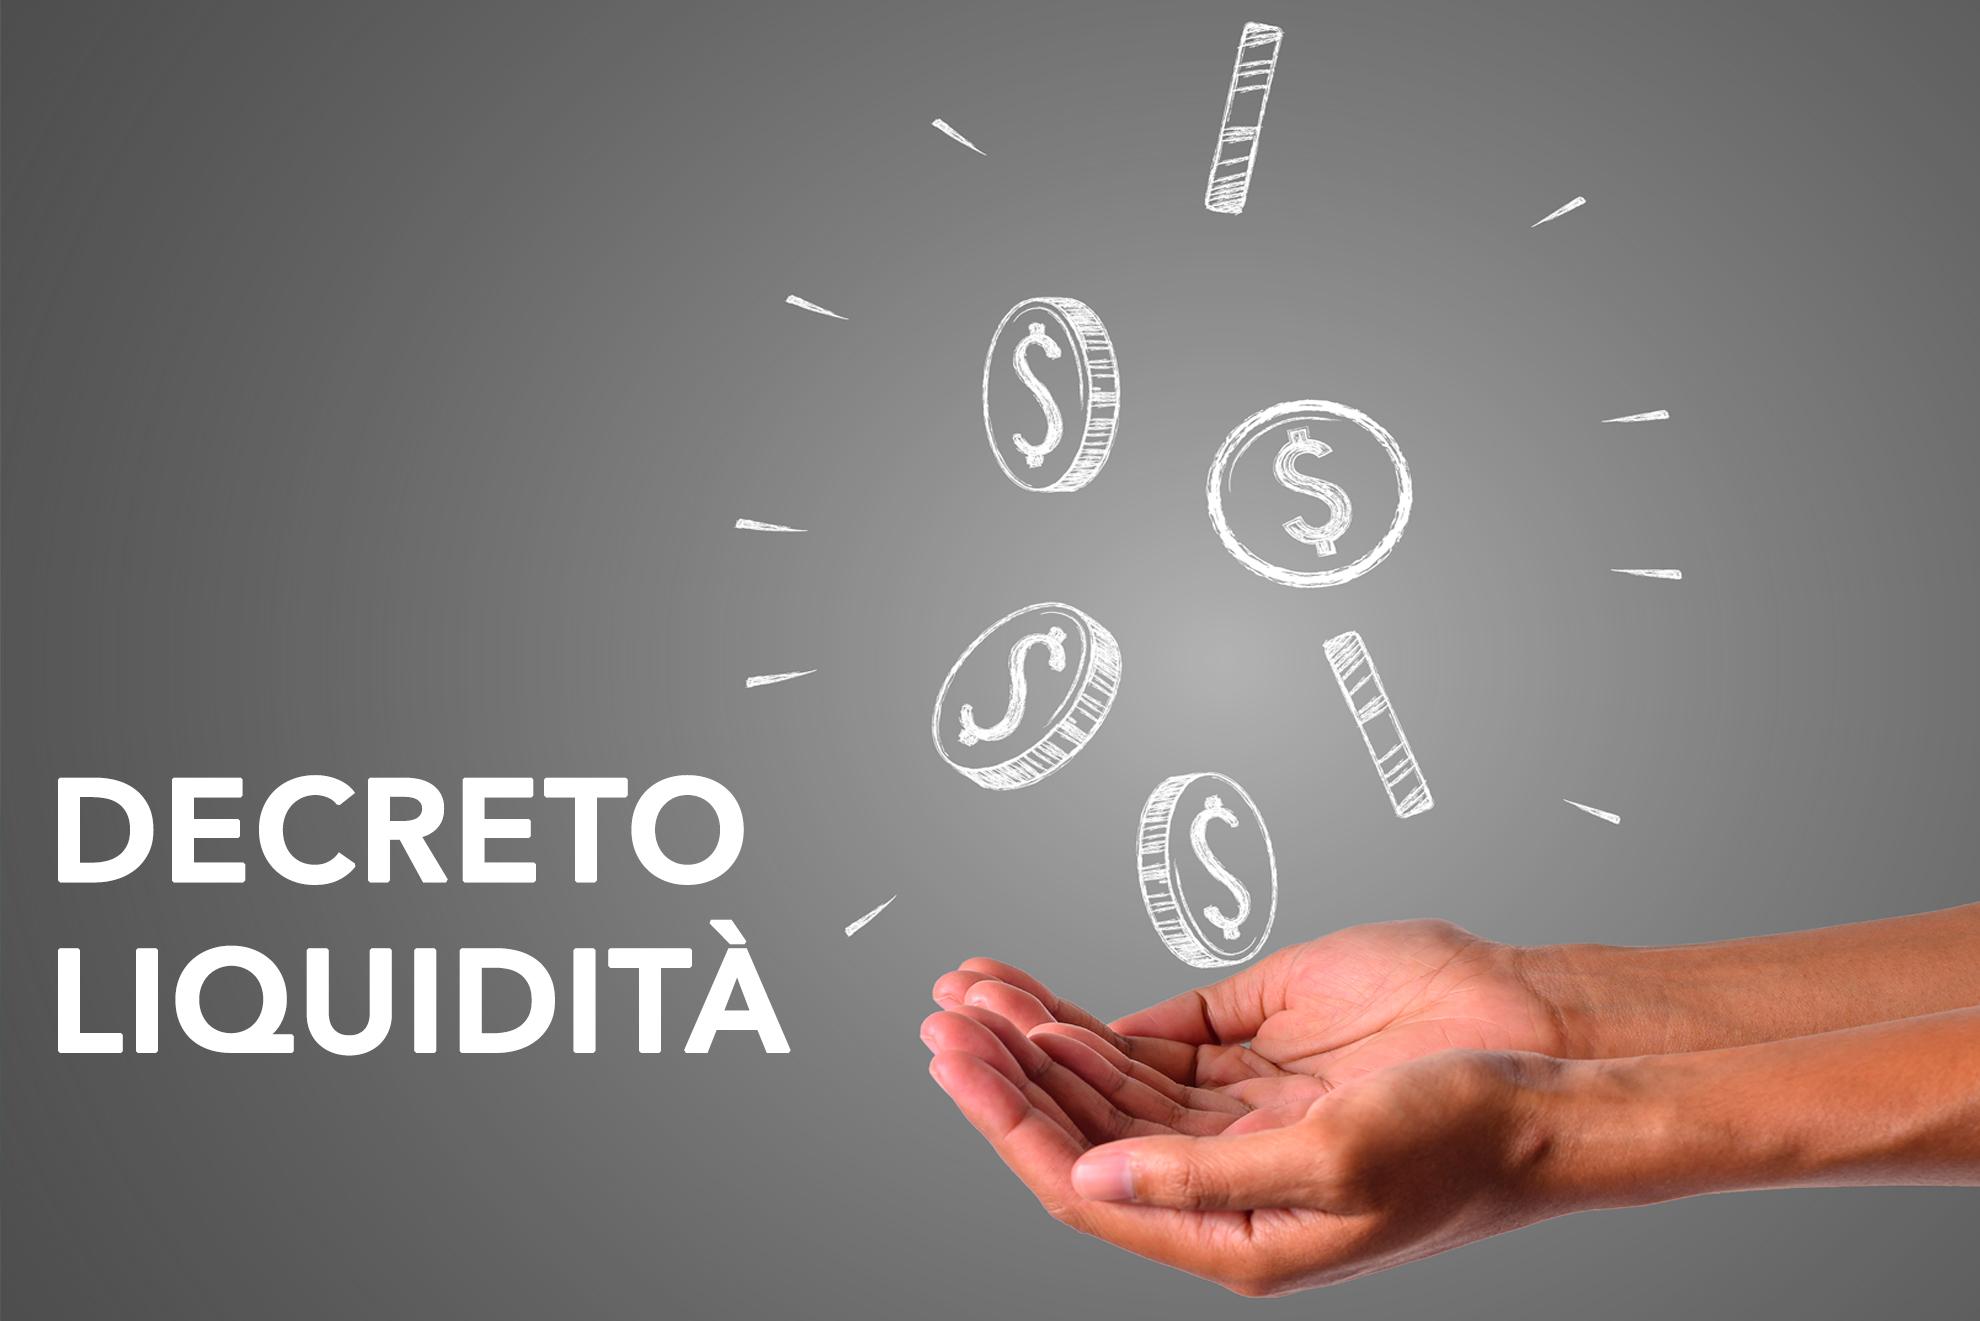 Sea Studio SRL | Decreto liquidità dell' 8 aprile 2020, n. 23.